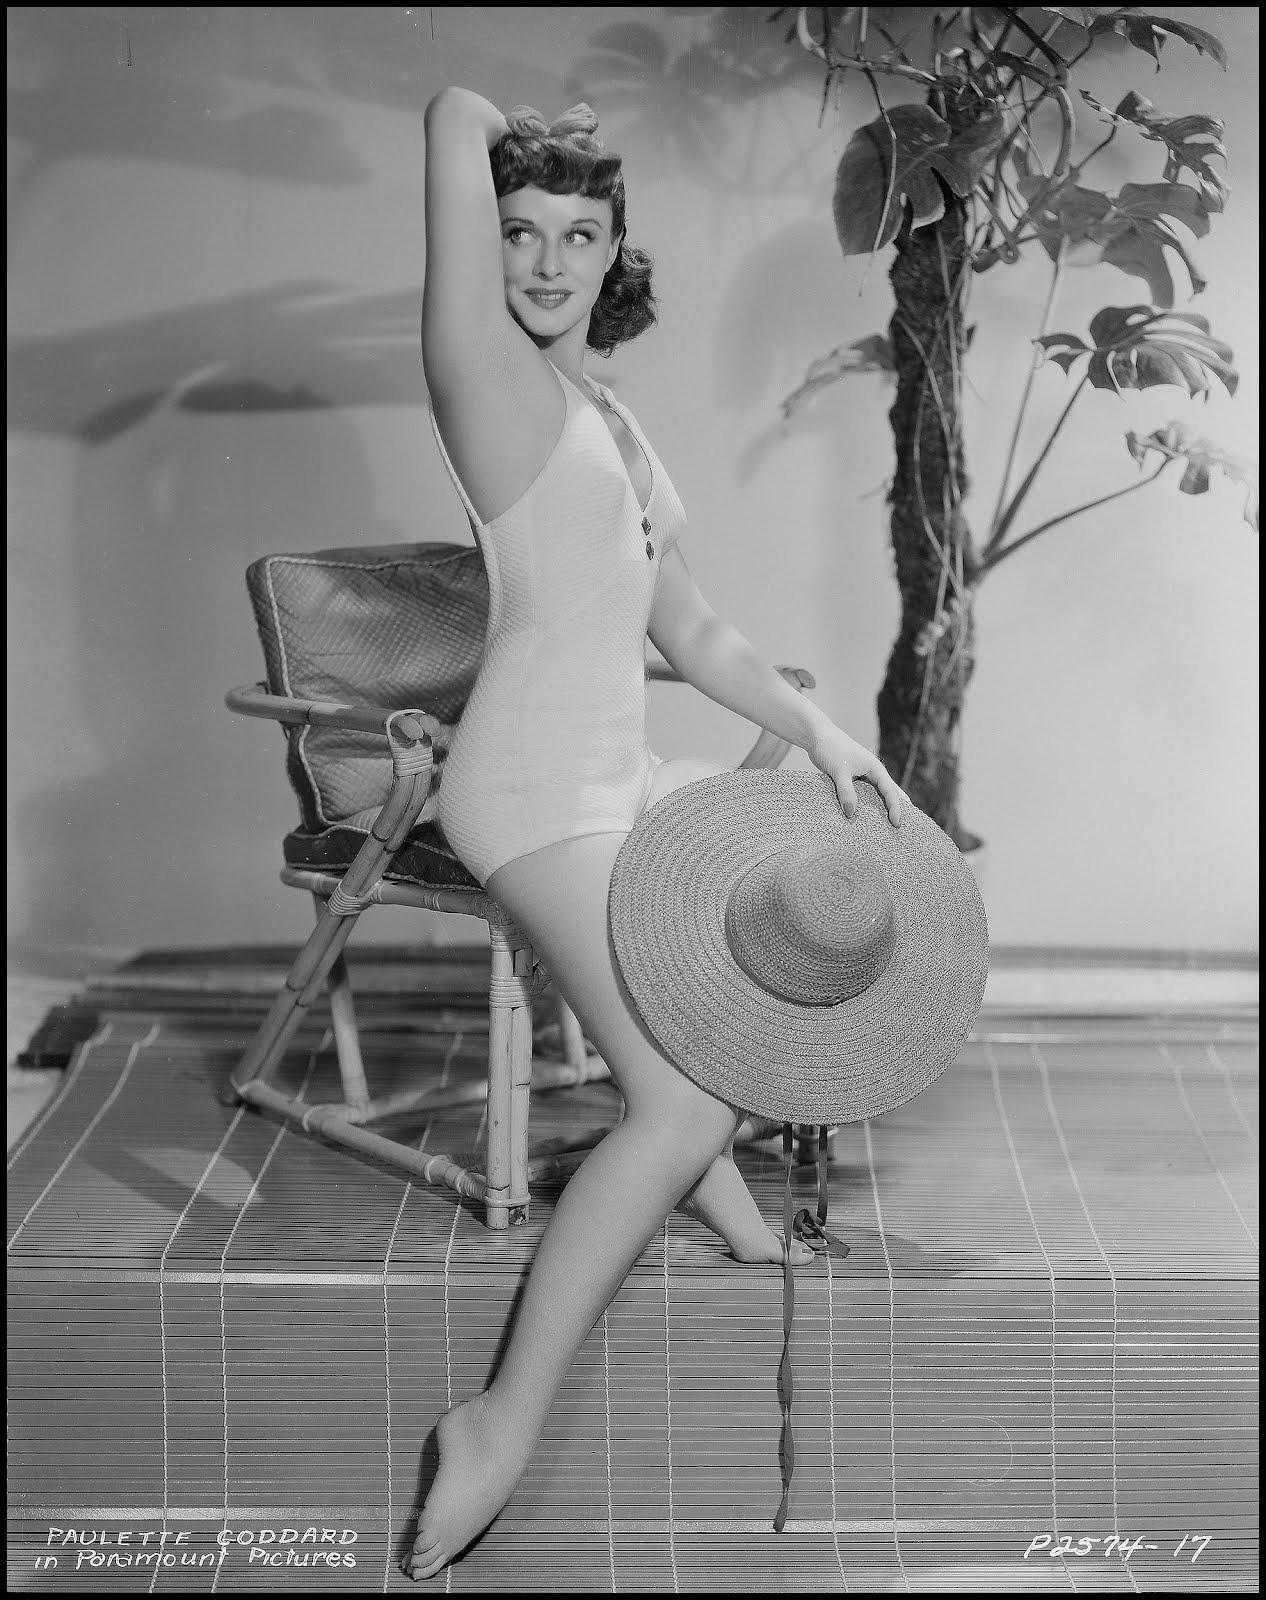 Paulette-Goddard-Feet-1209881.jpg